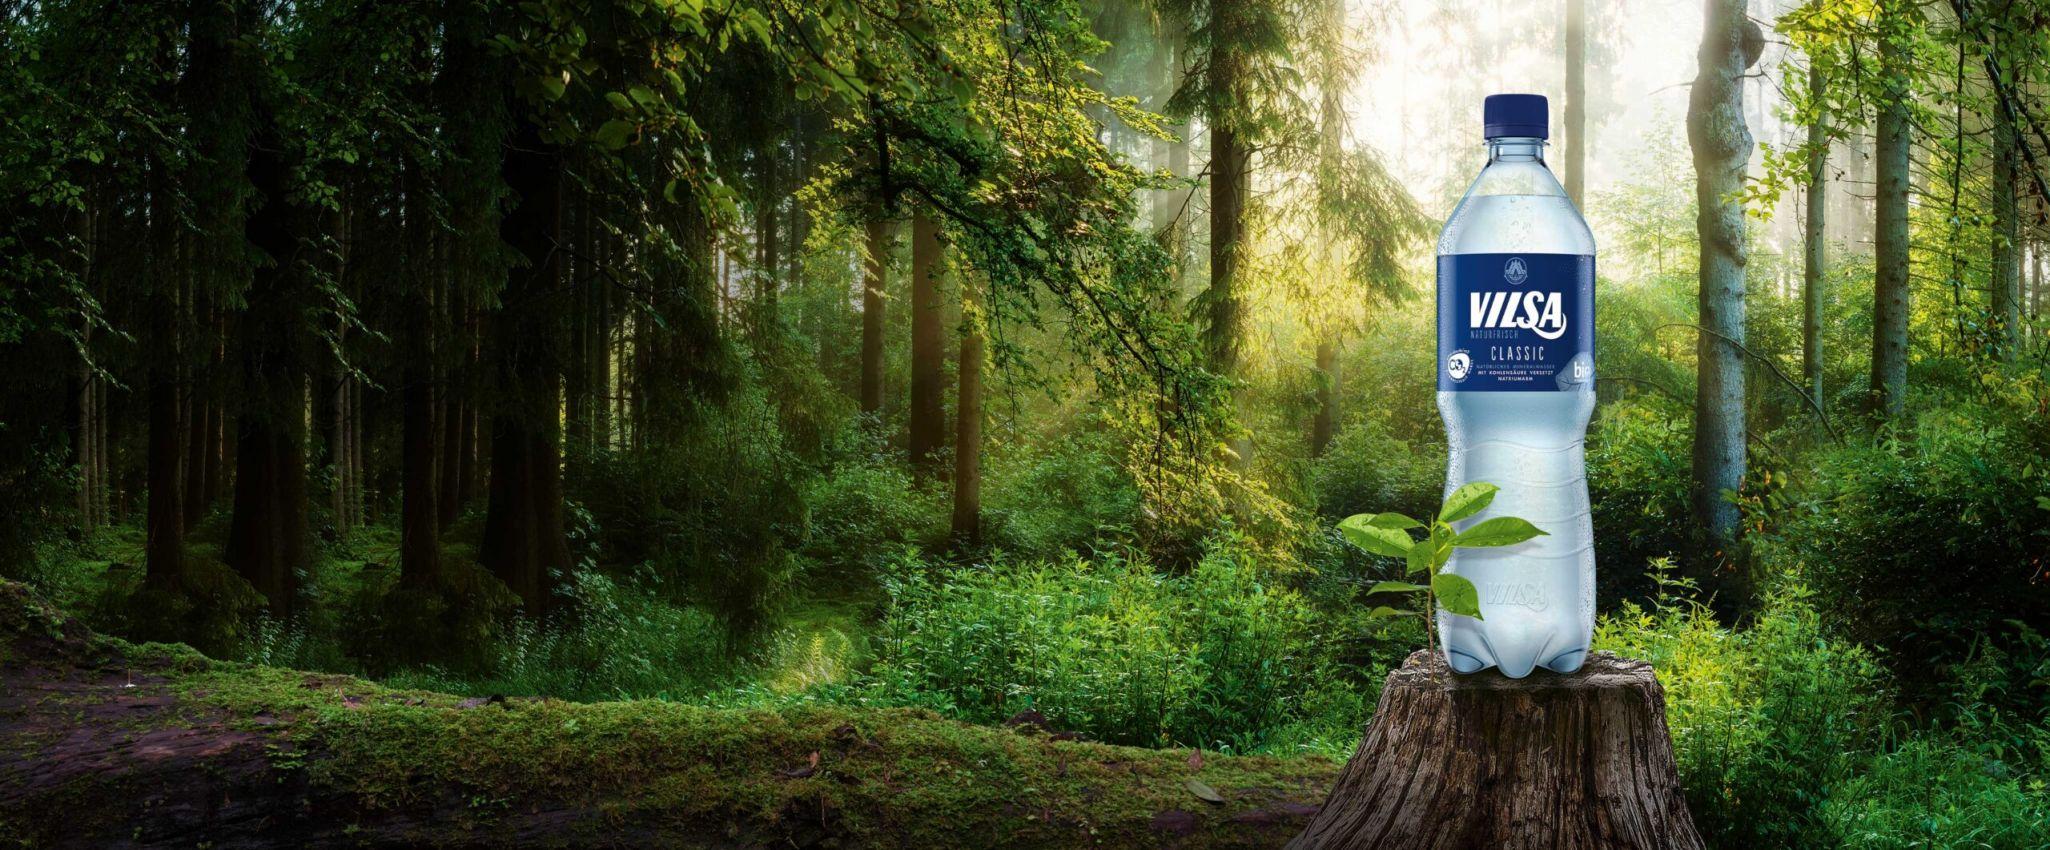 VILSA Mineralwasser classic rePET 1,0l auf einem Baumstumpf in der Natur